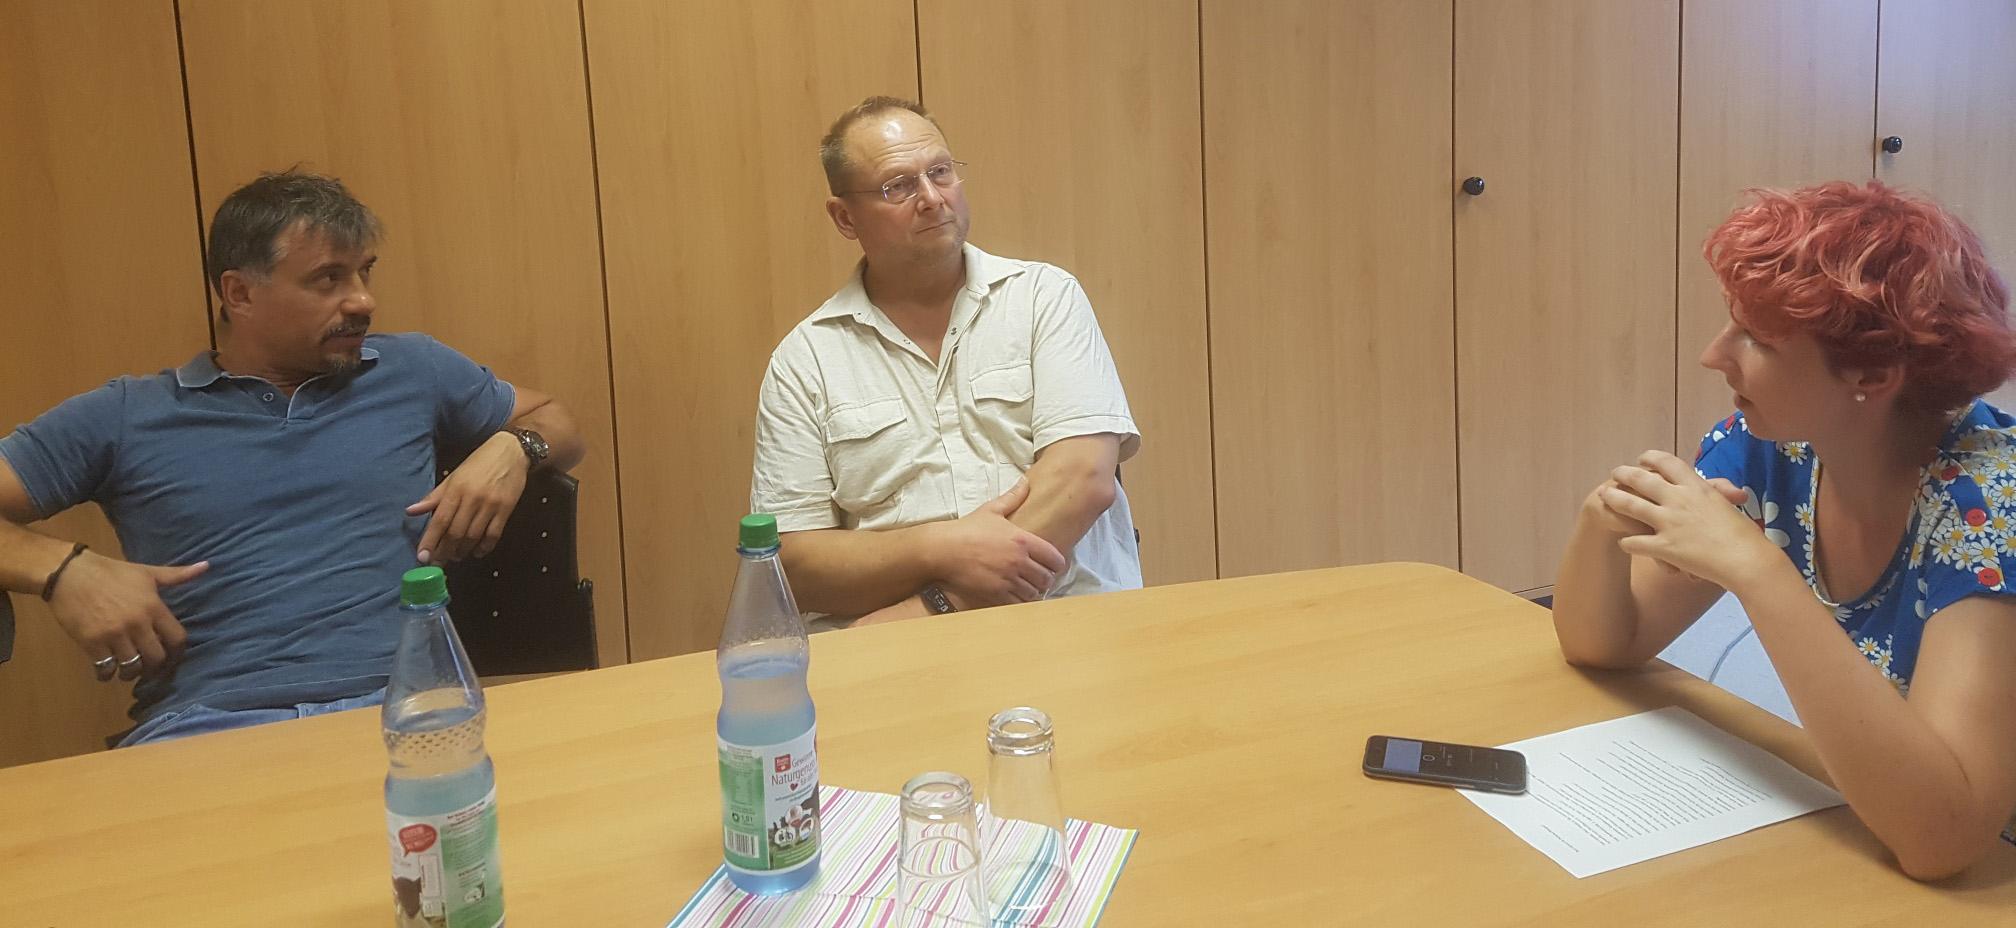 Die Trainer Ben Ljevar und Roland Nixdorf.